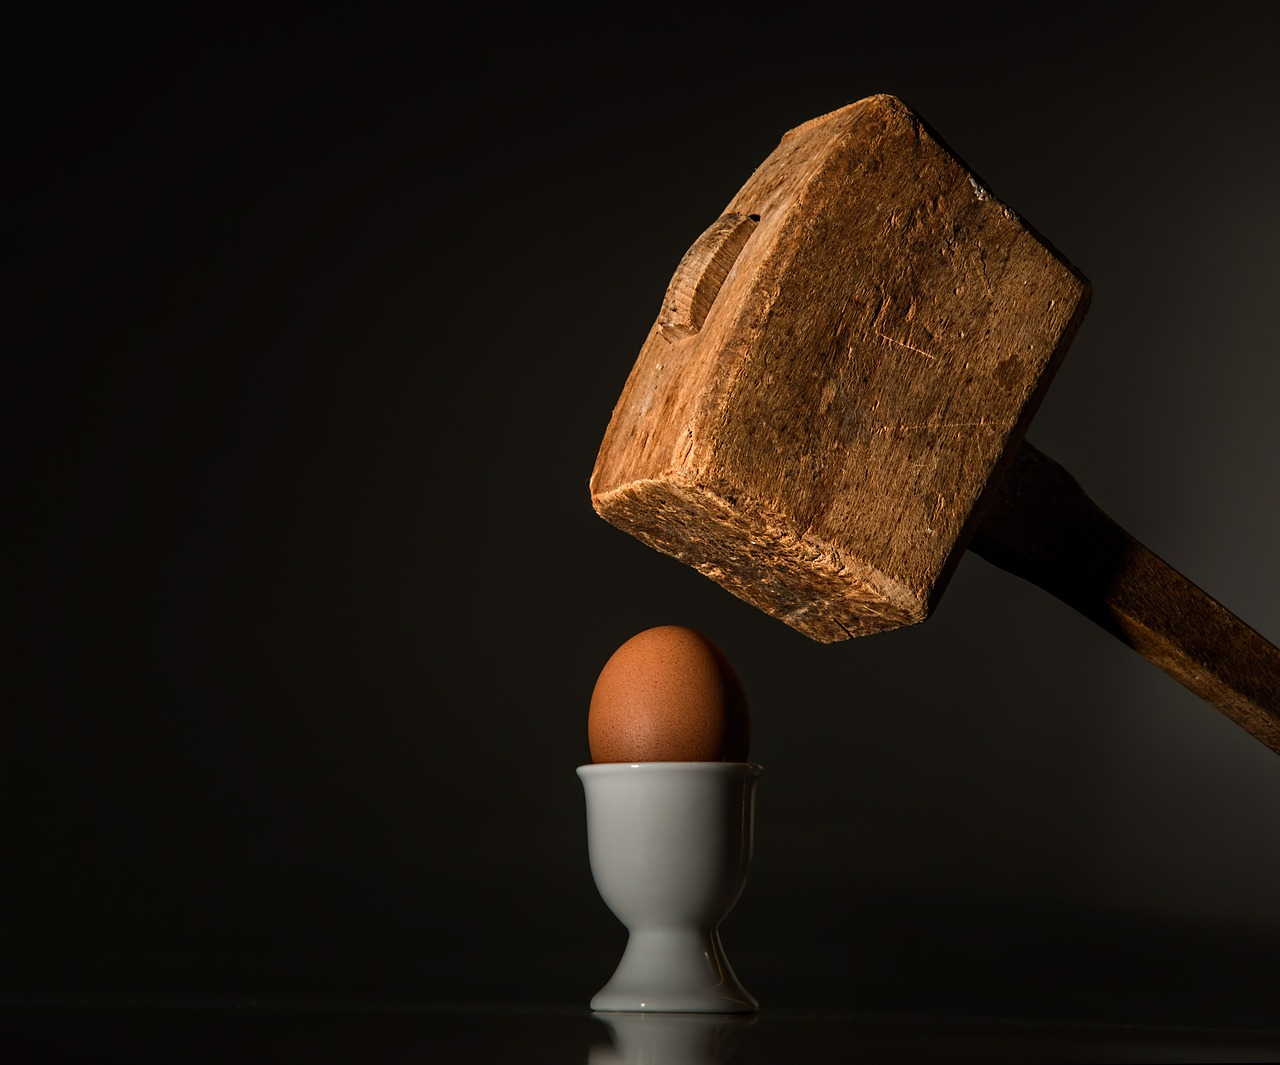 egg-583163_1280_1.jpg